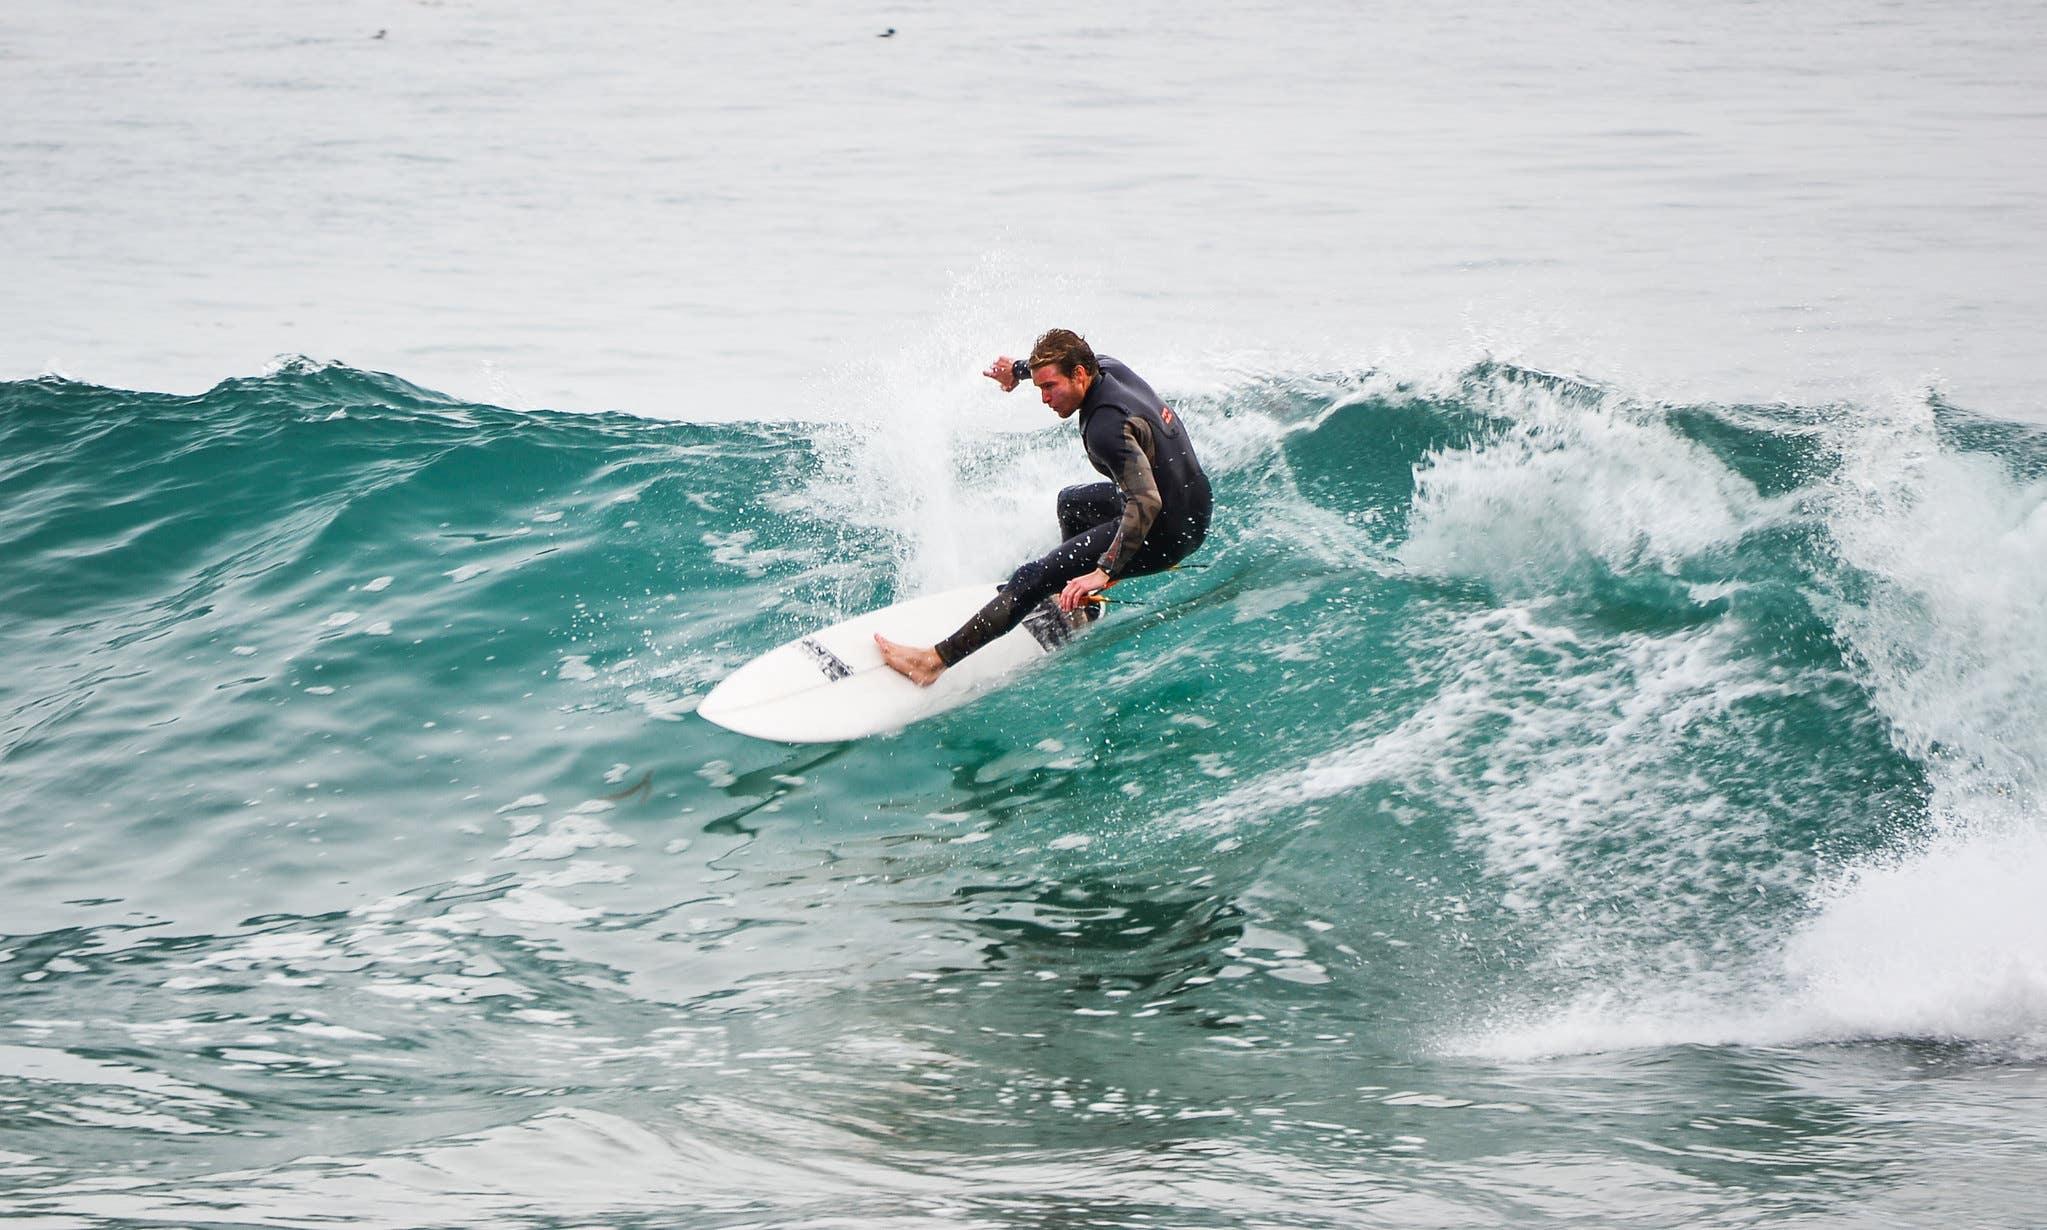 Surfer at Zuma Beach